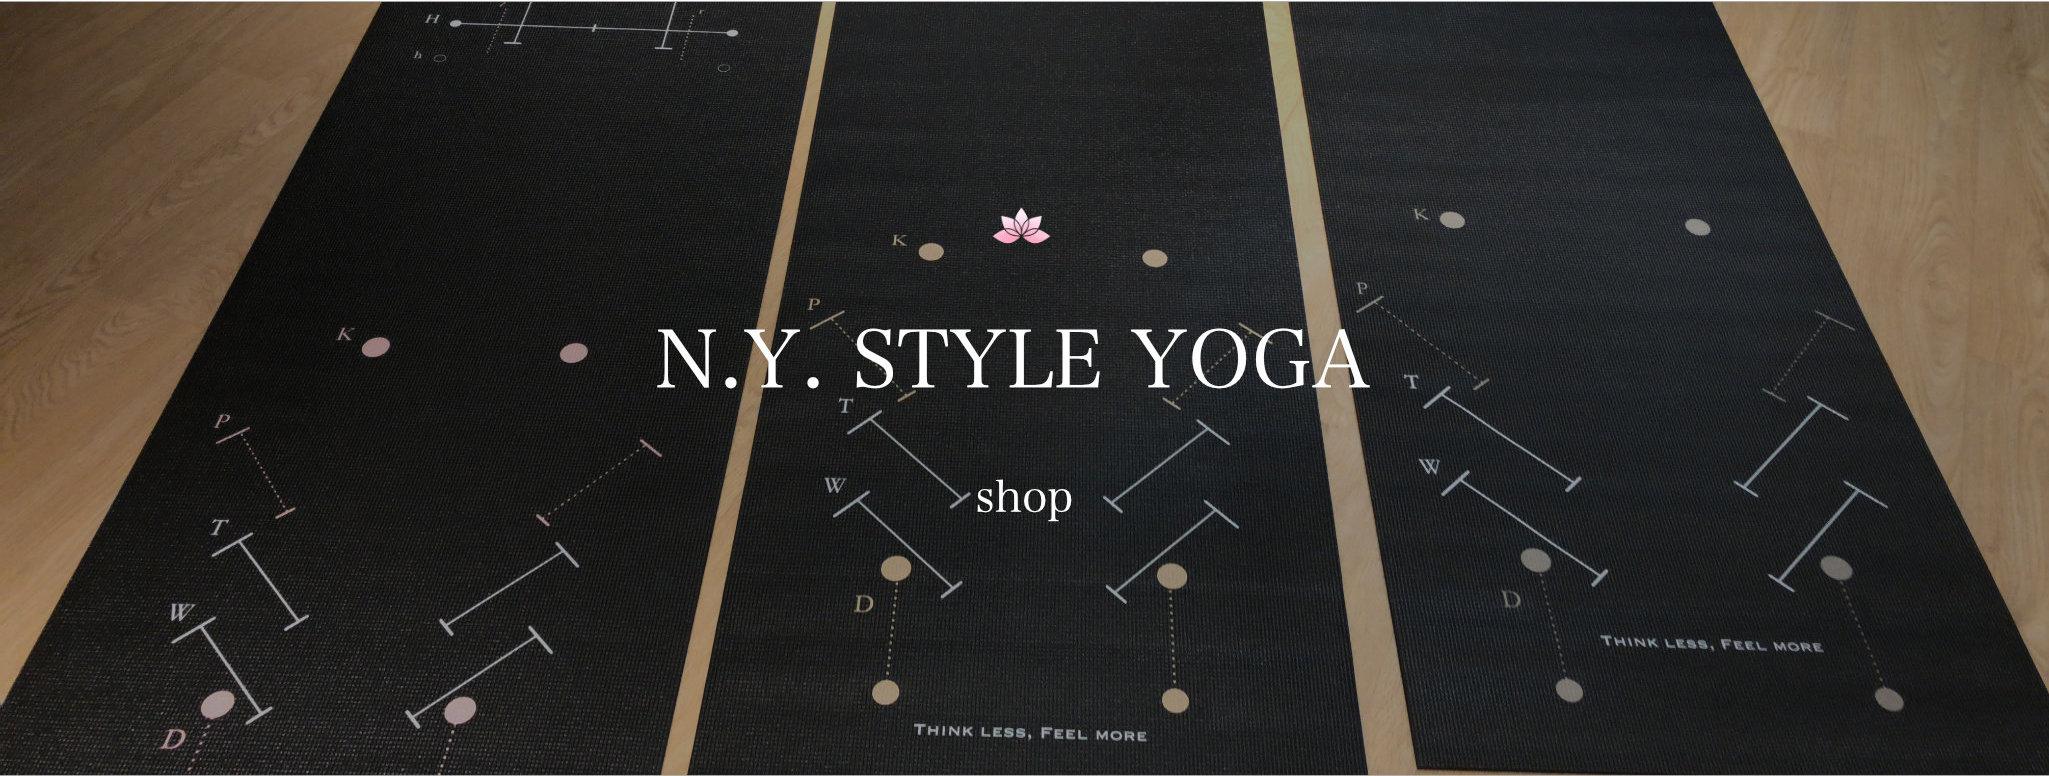 N.Y. STYLE YOGA SHOP紹介画像1